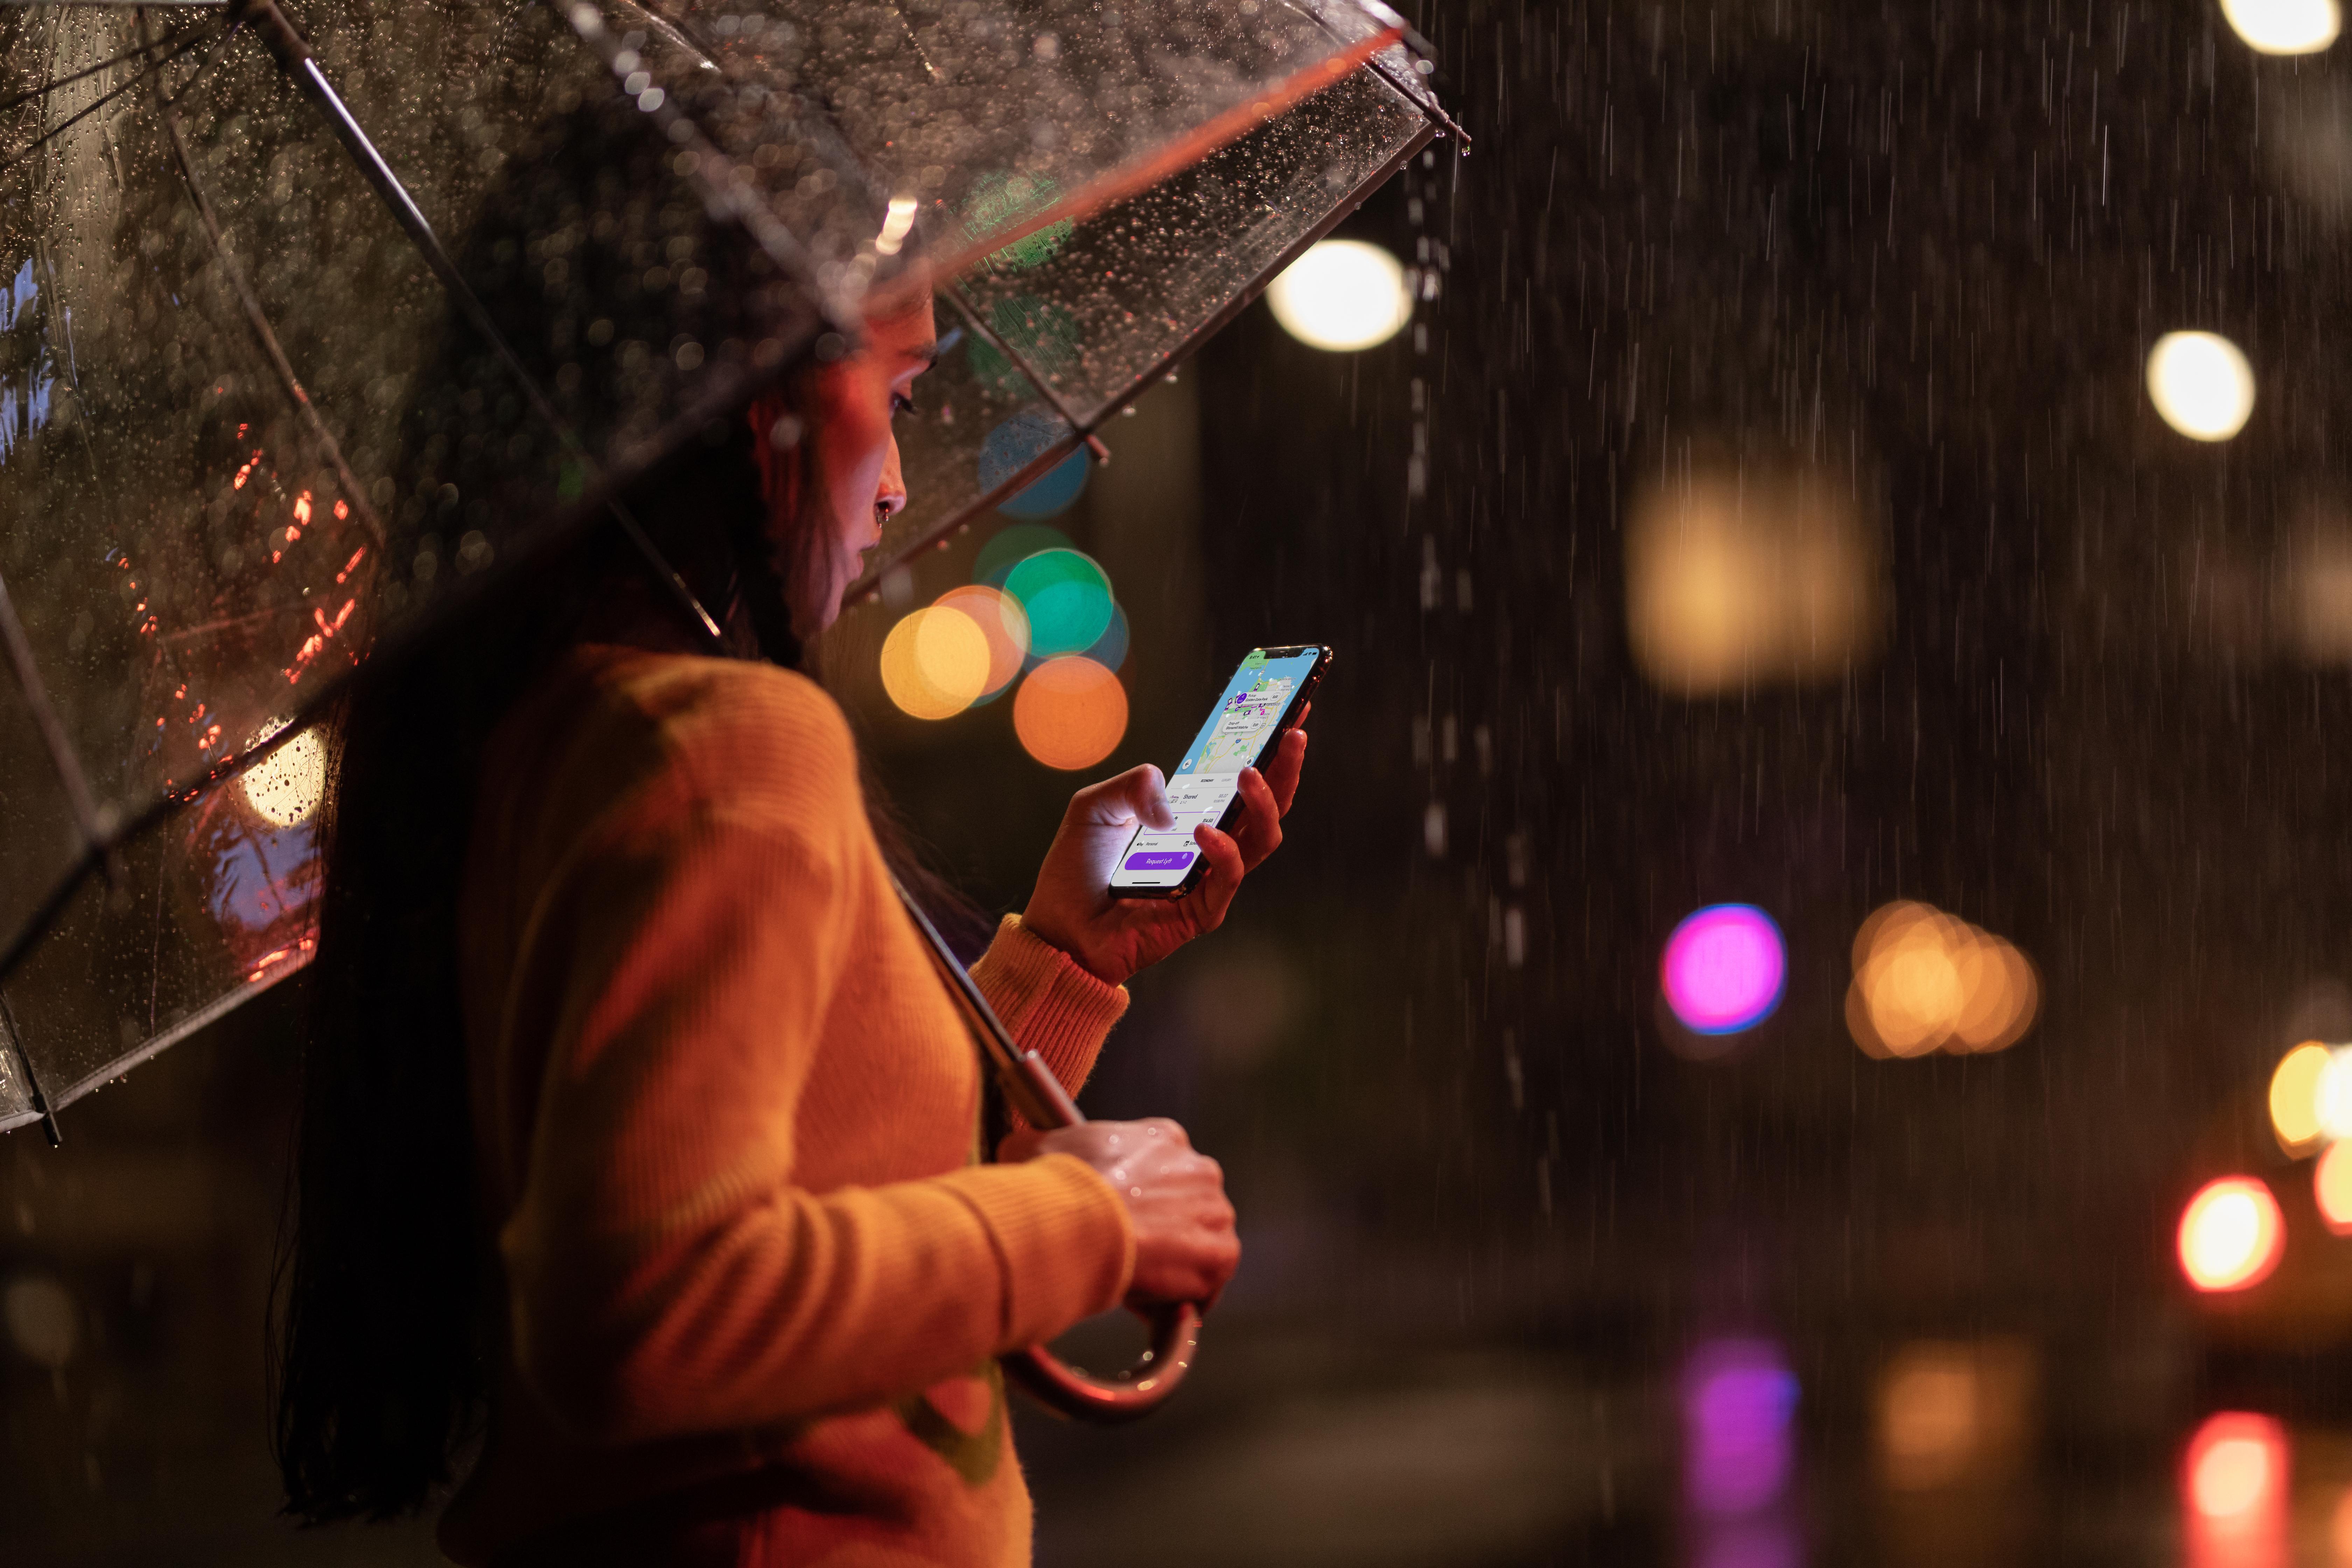 Con Iphone Xs E Iphone Xs Max Arrivano Su Iphone I Display Migliori